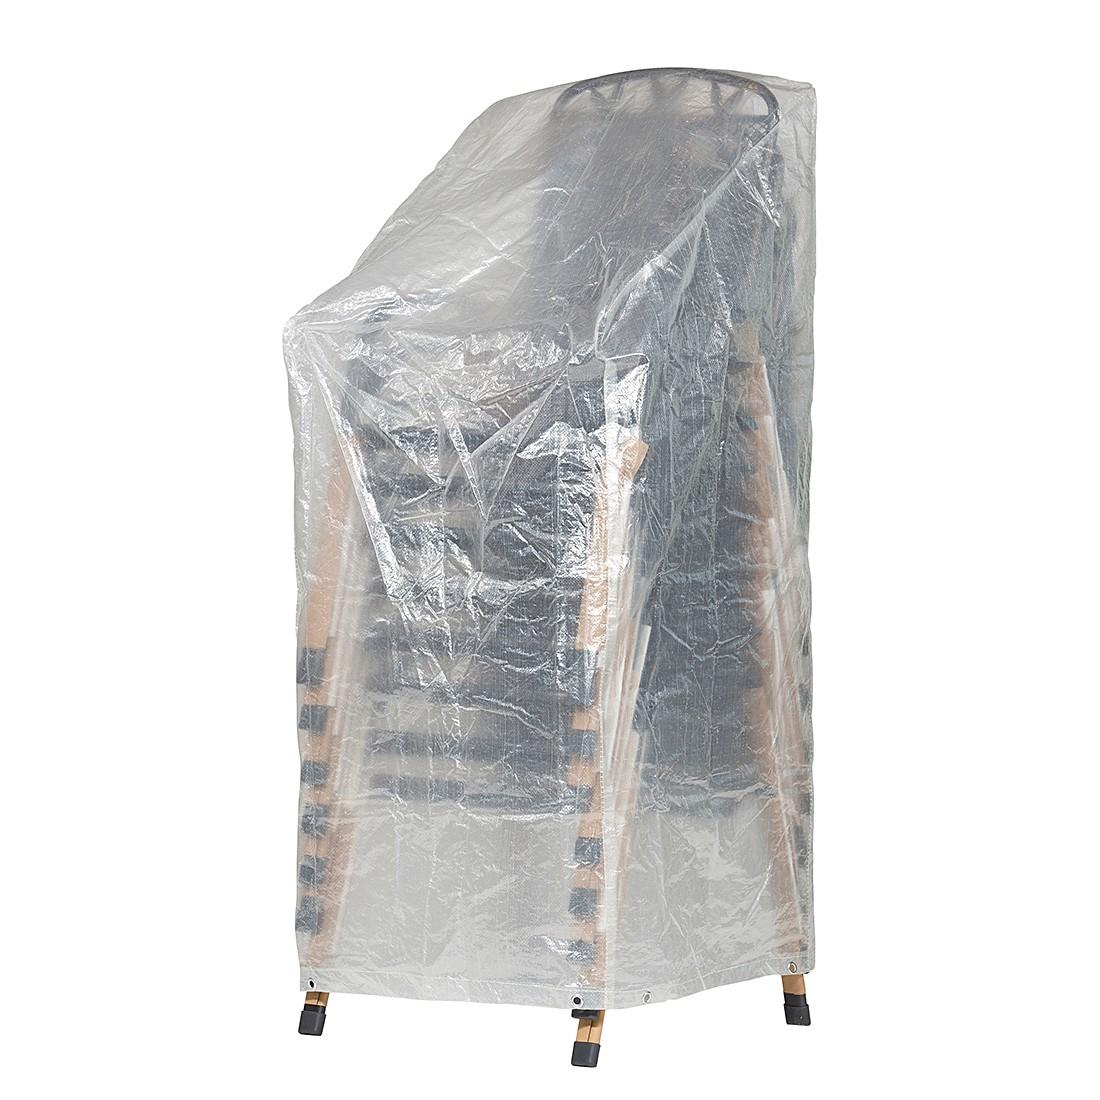 schutzh lle klassik f r stapelst hle gr e l kunststoff. Black Bedroom Furniture Sets. Home Design Ideas